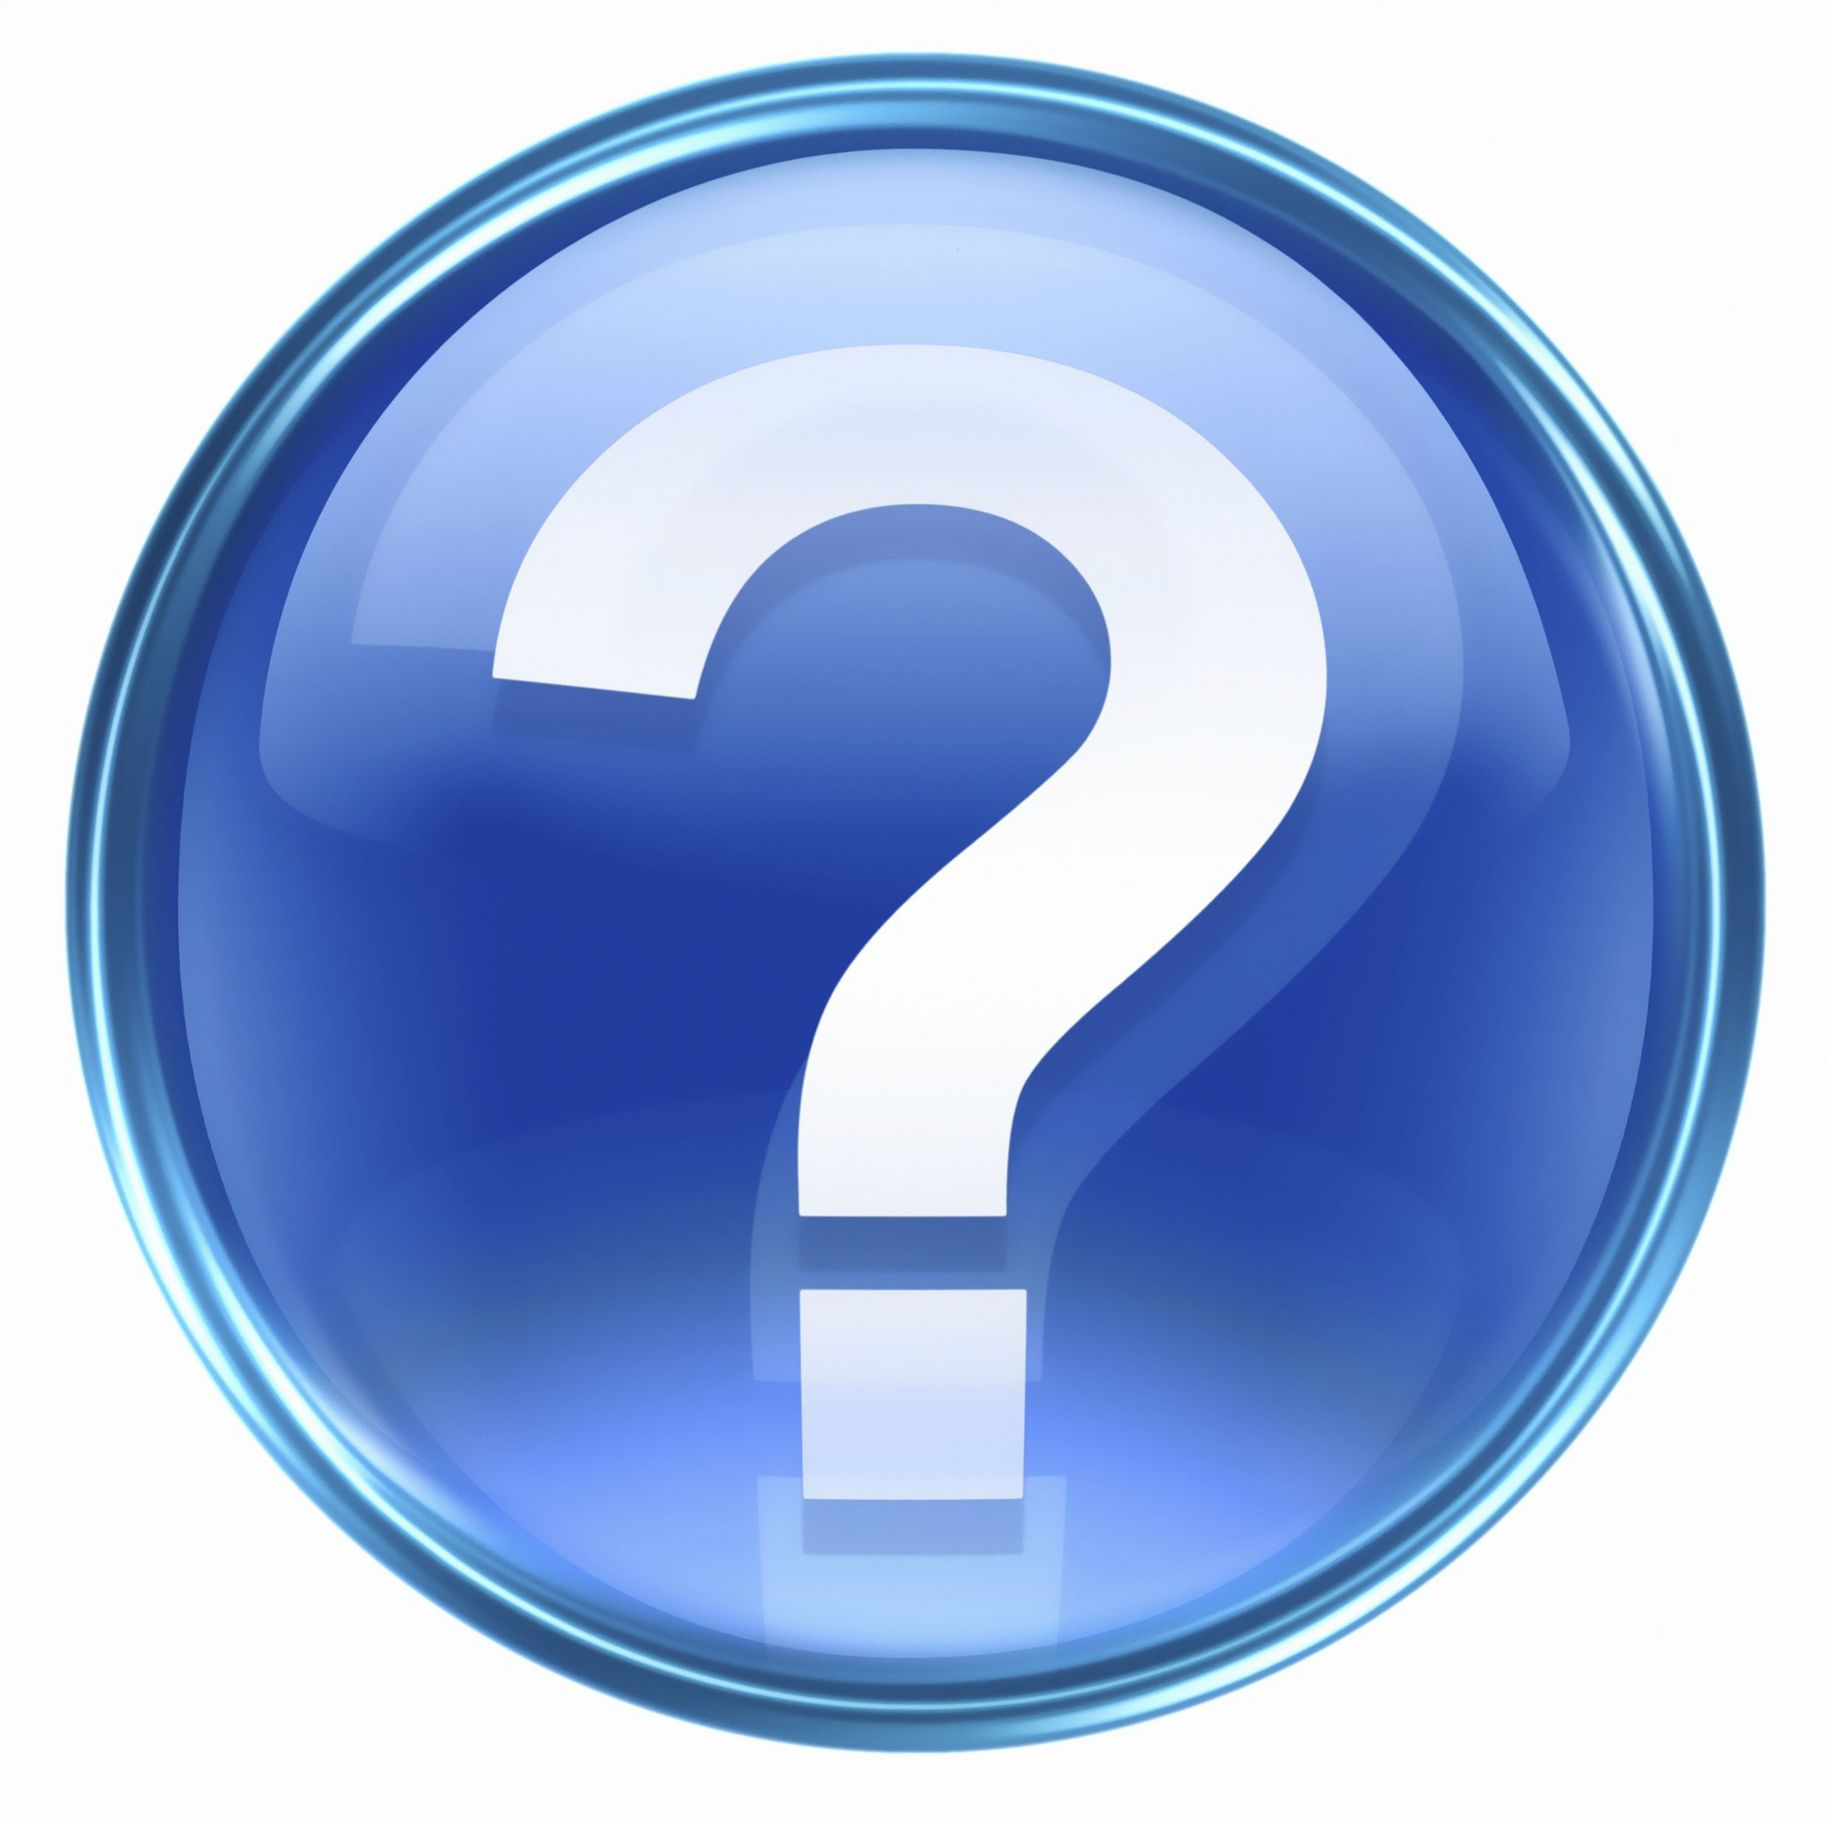 Frage 1: